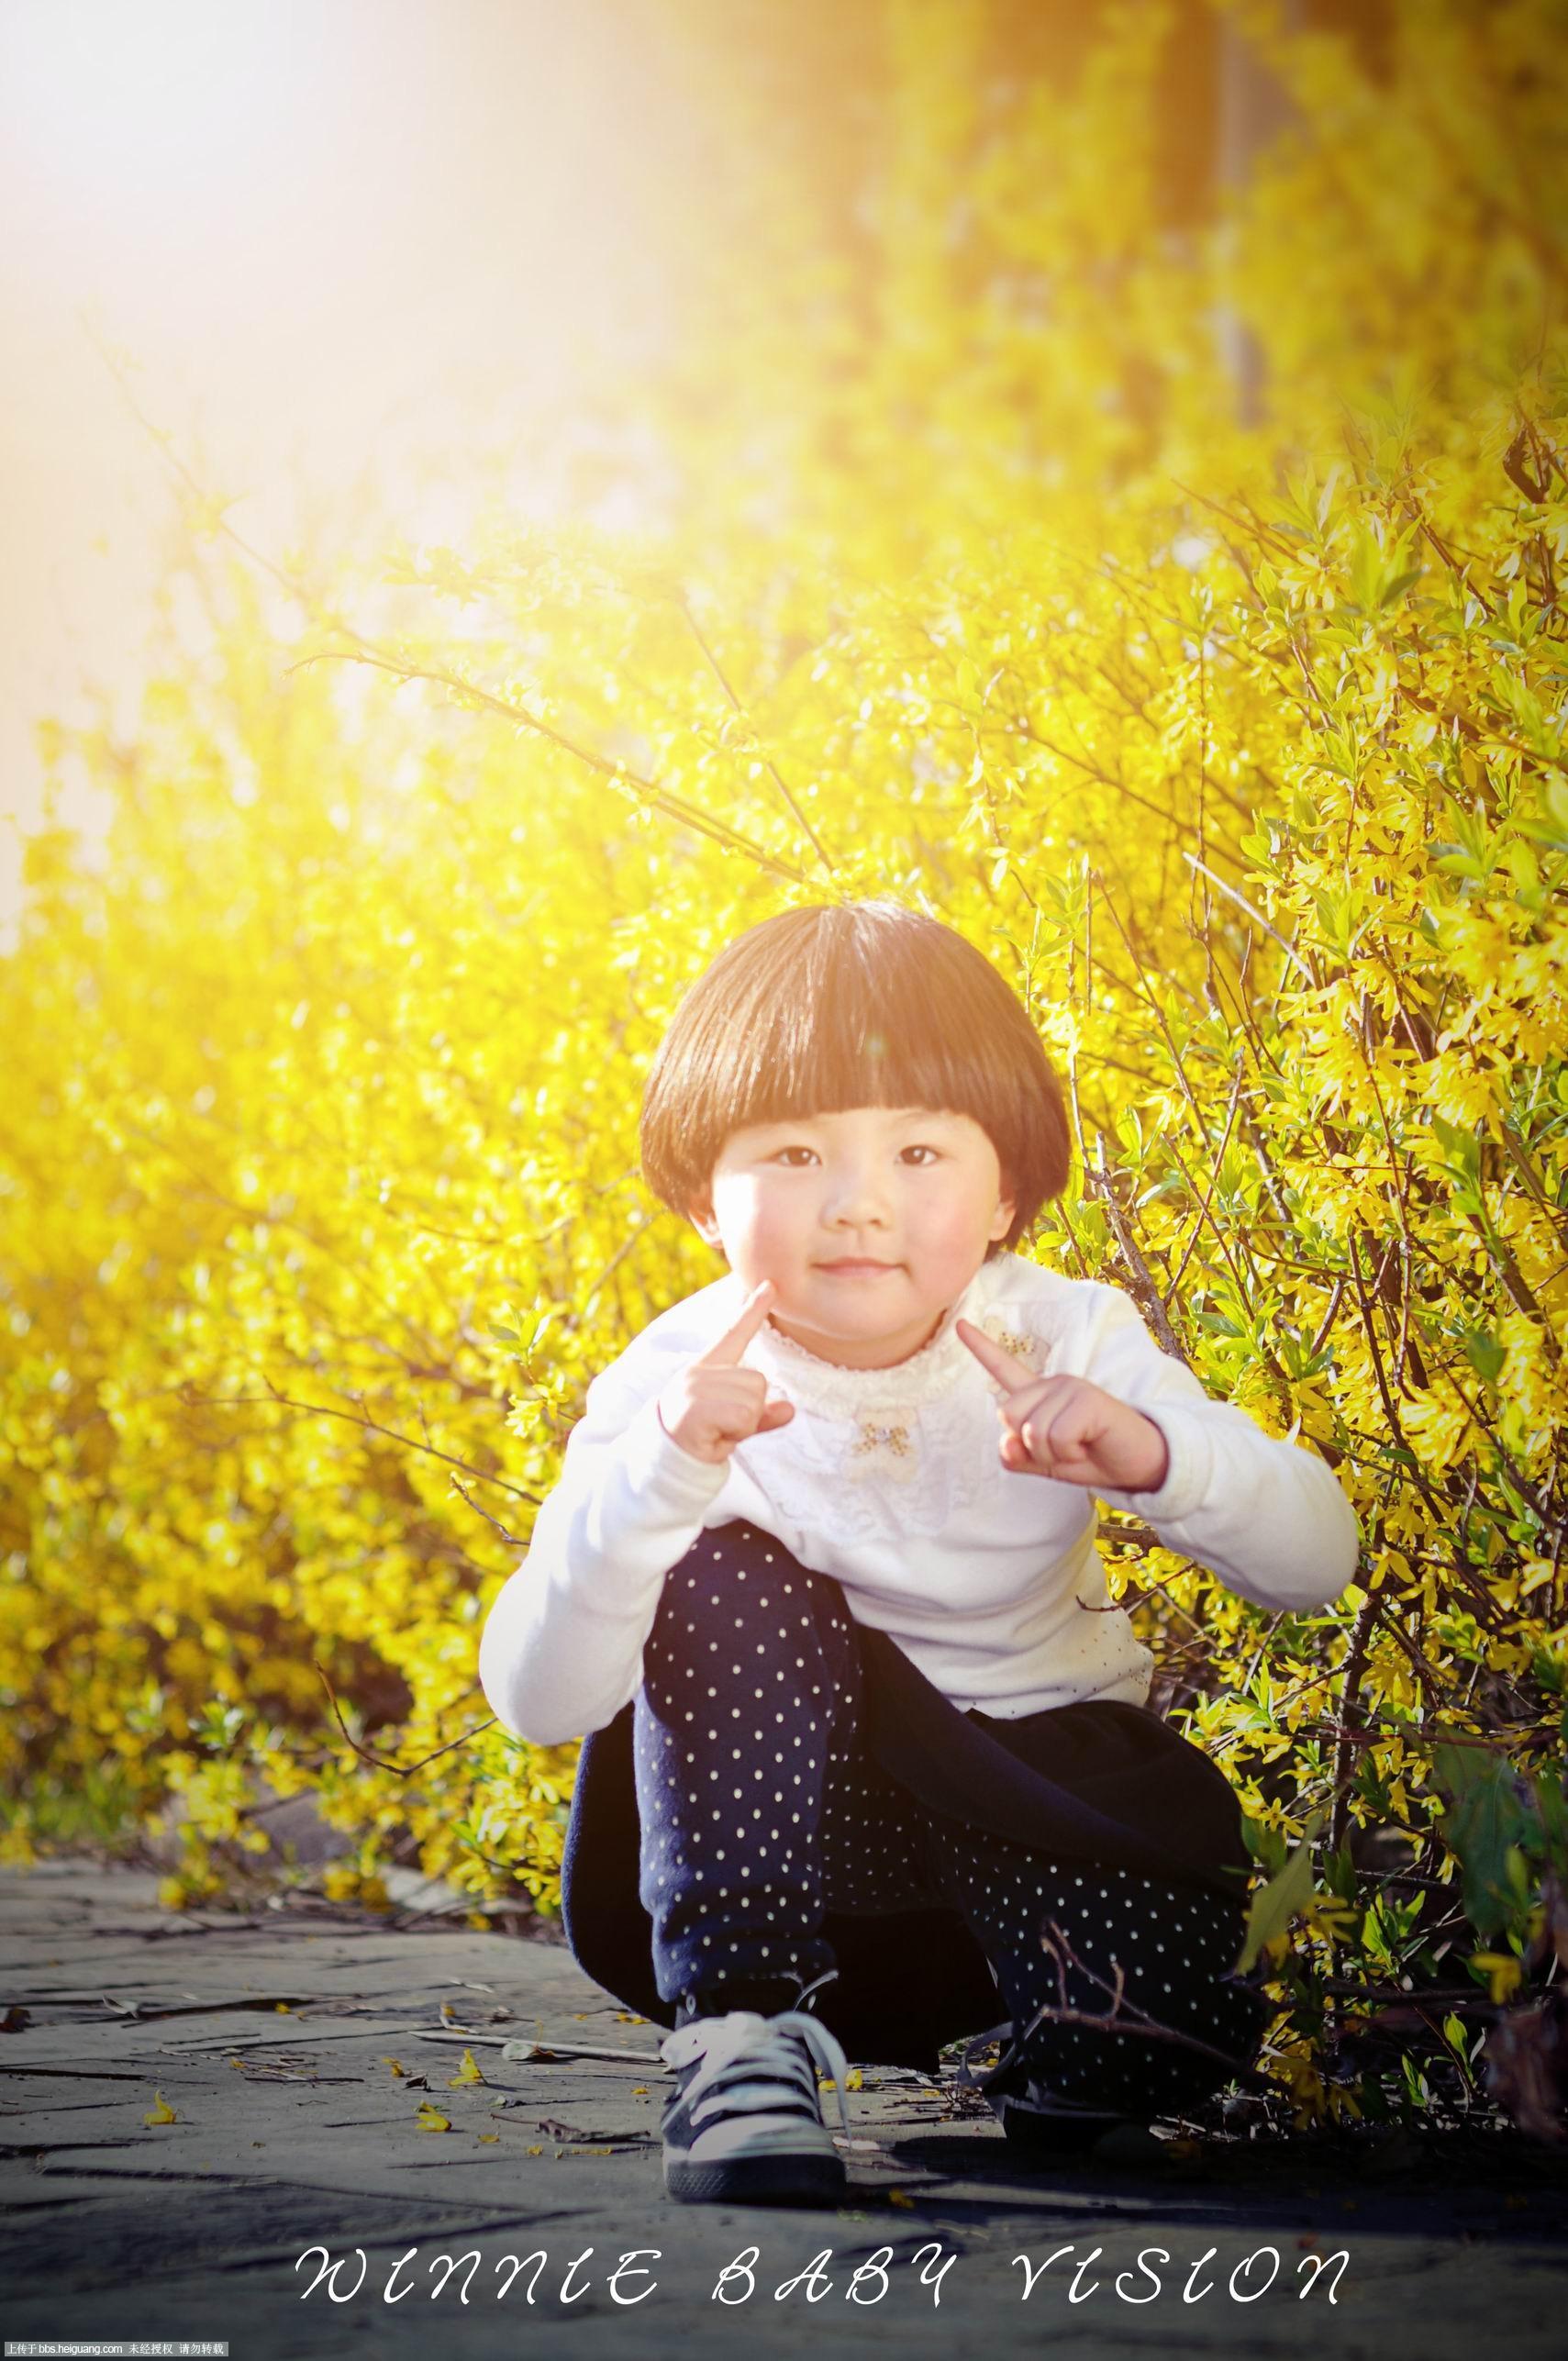 春天的阳光_儿童摄影作品_黑光论坛